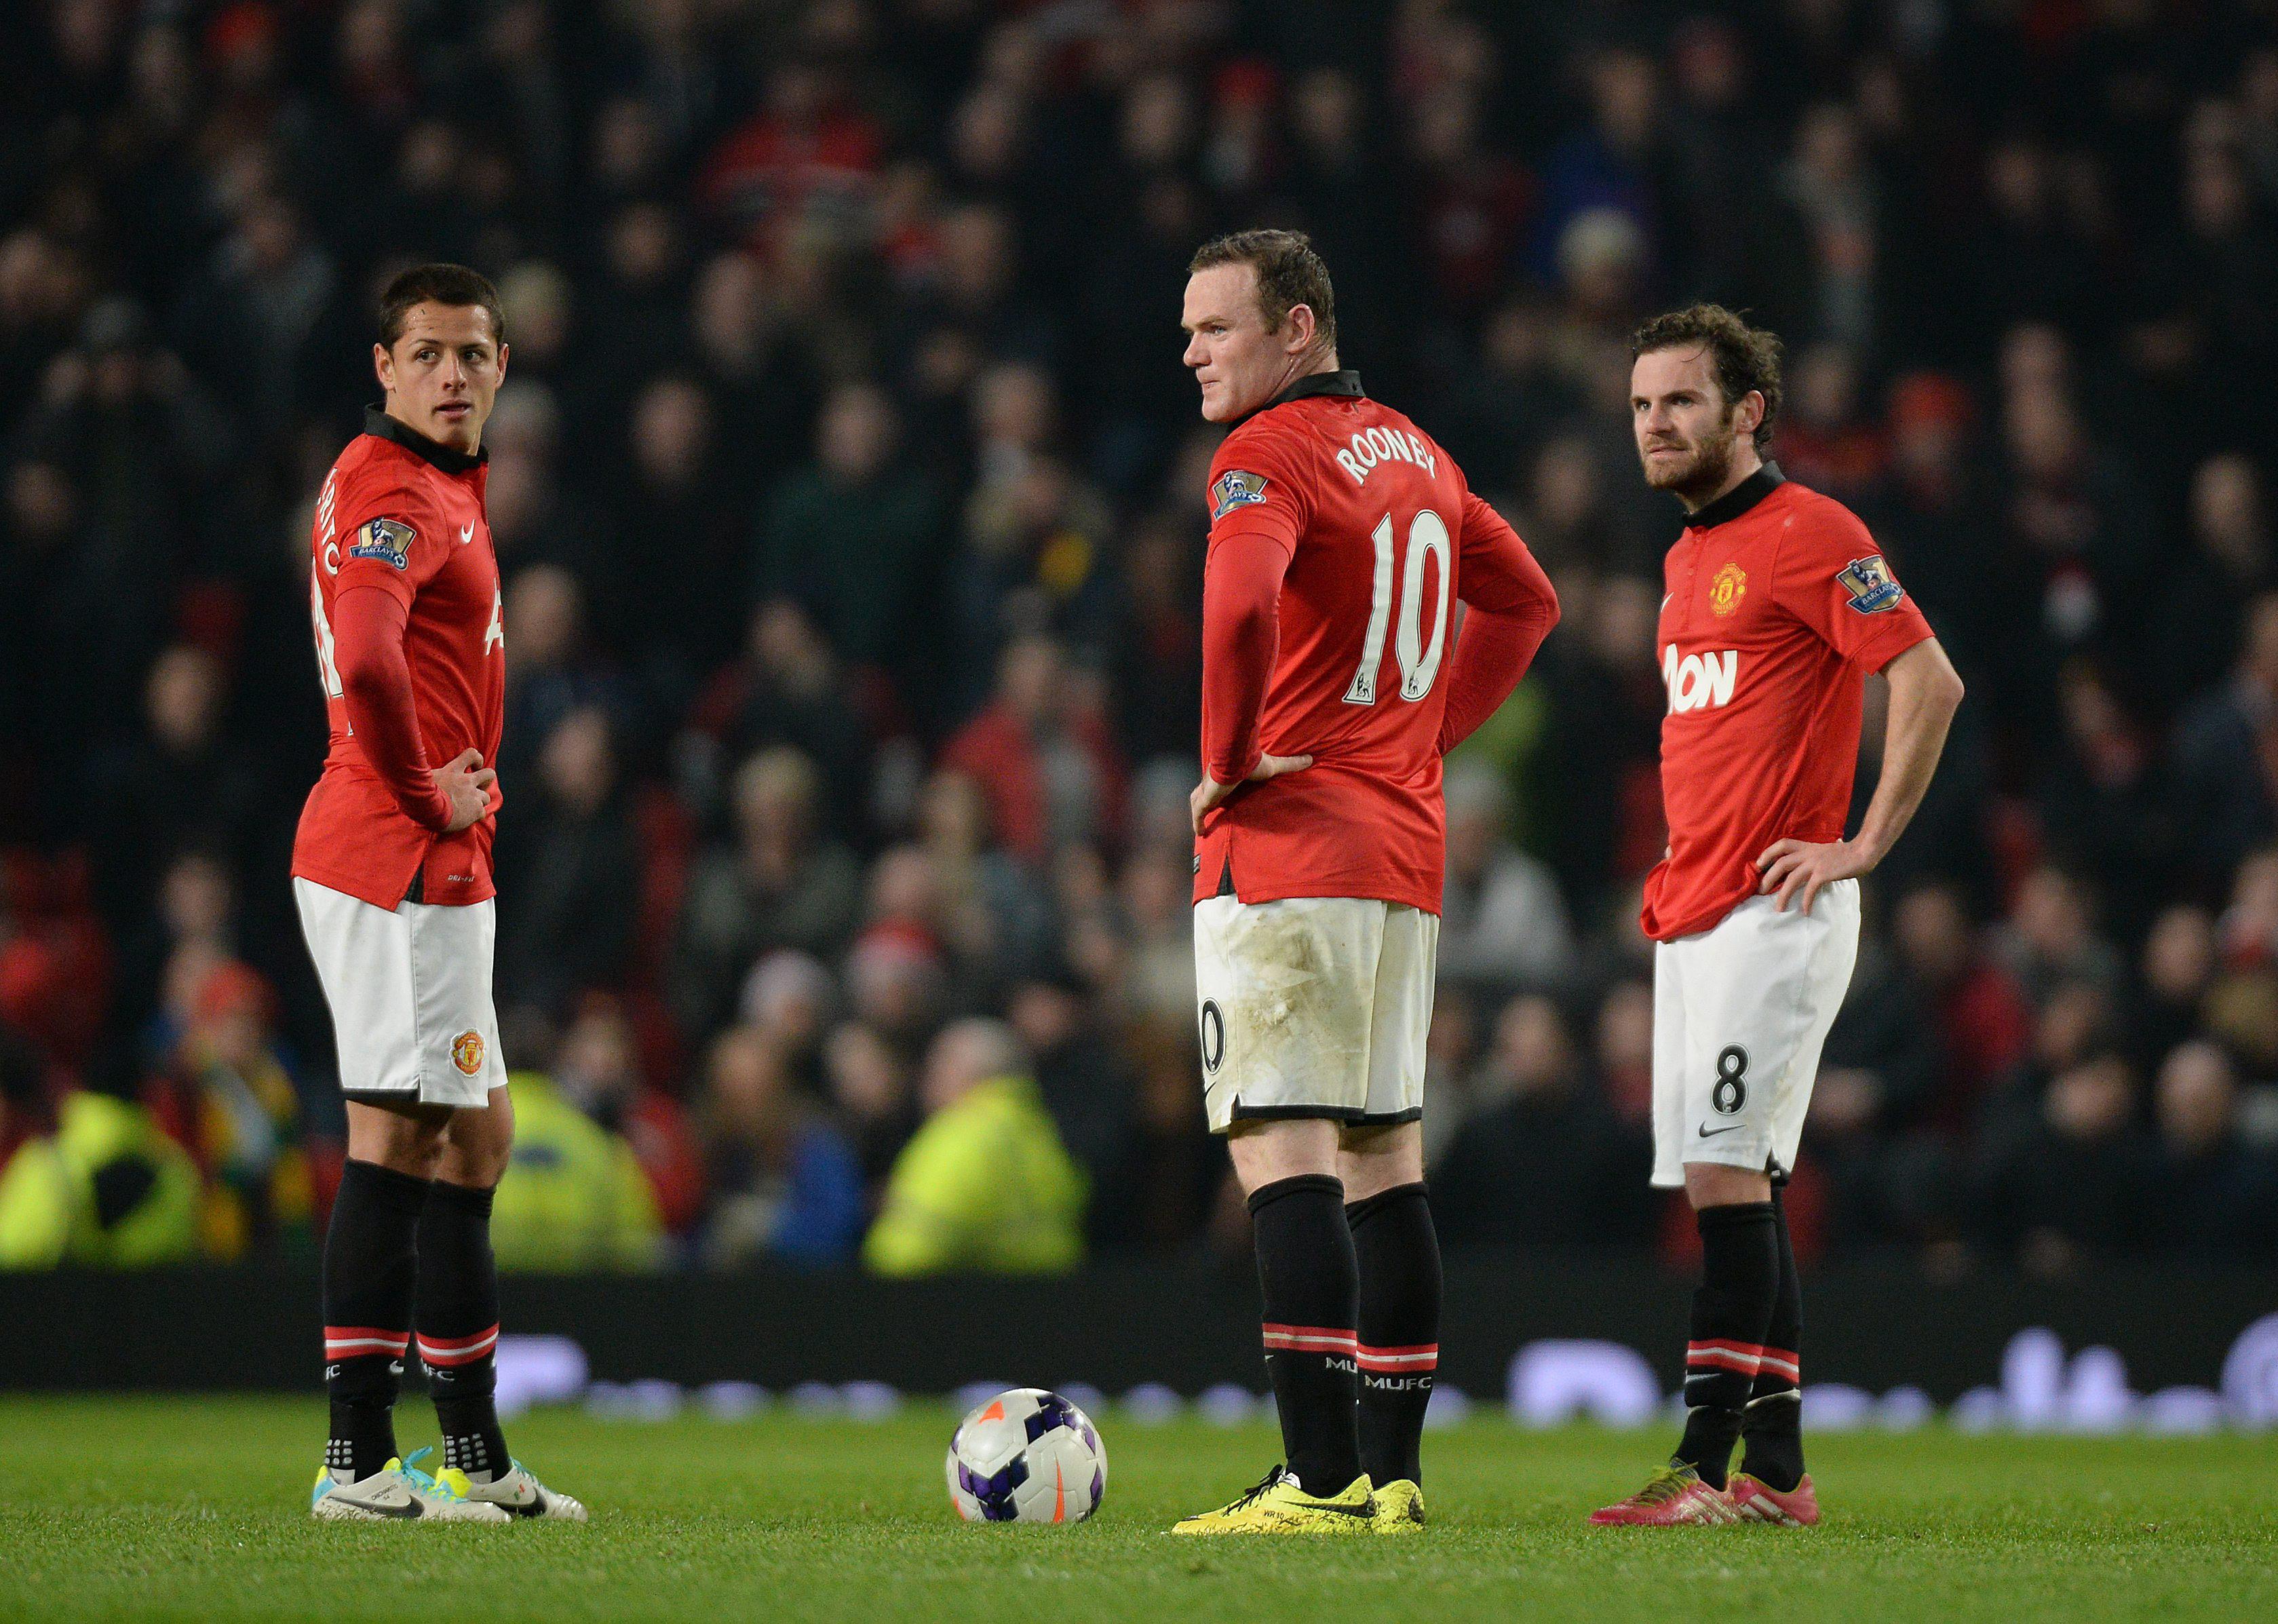 El Manchester United  se queda fuera de la Champions 19 años después